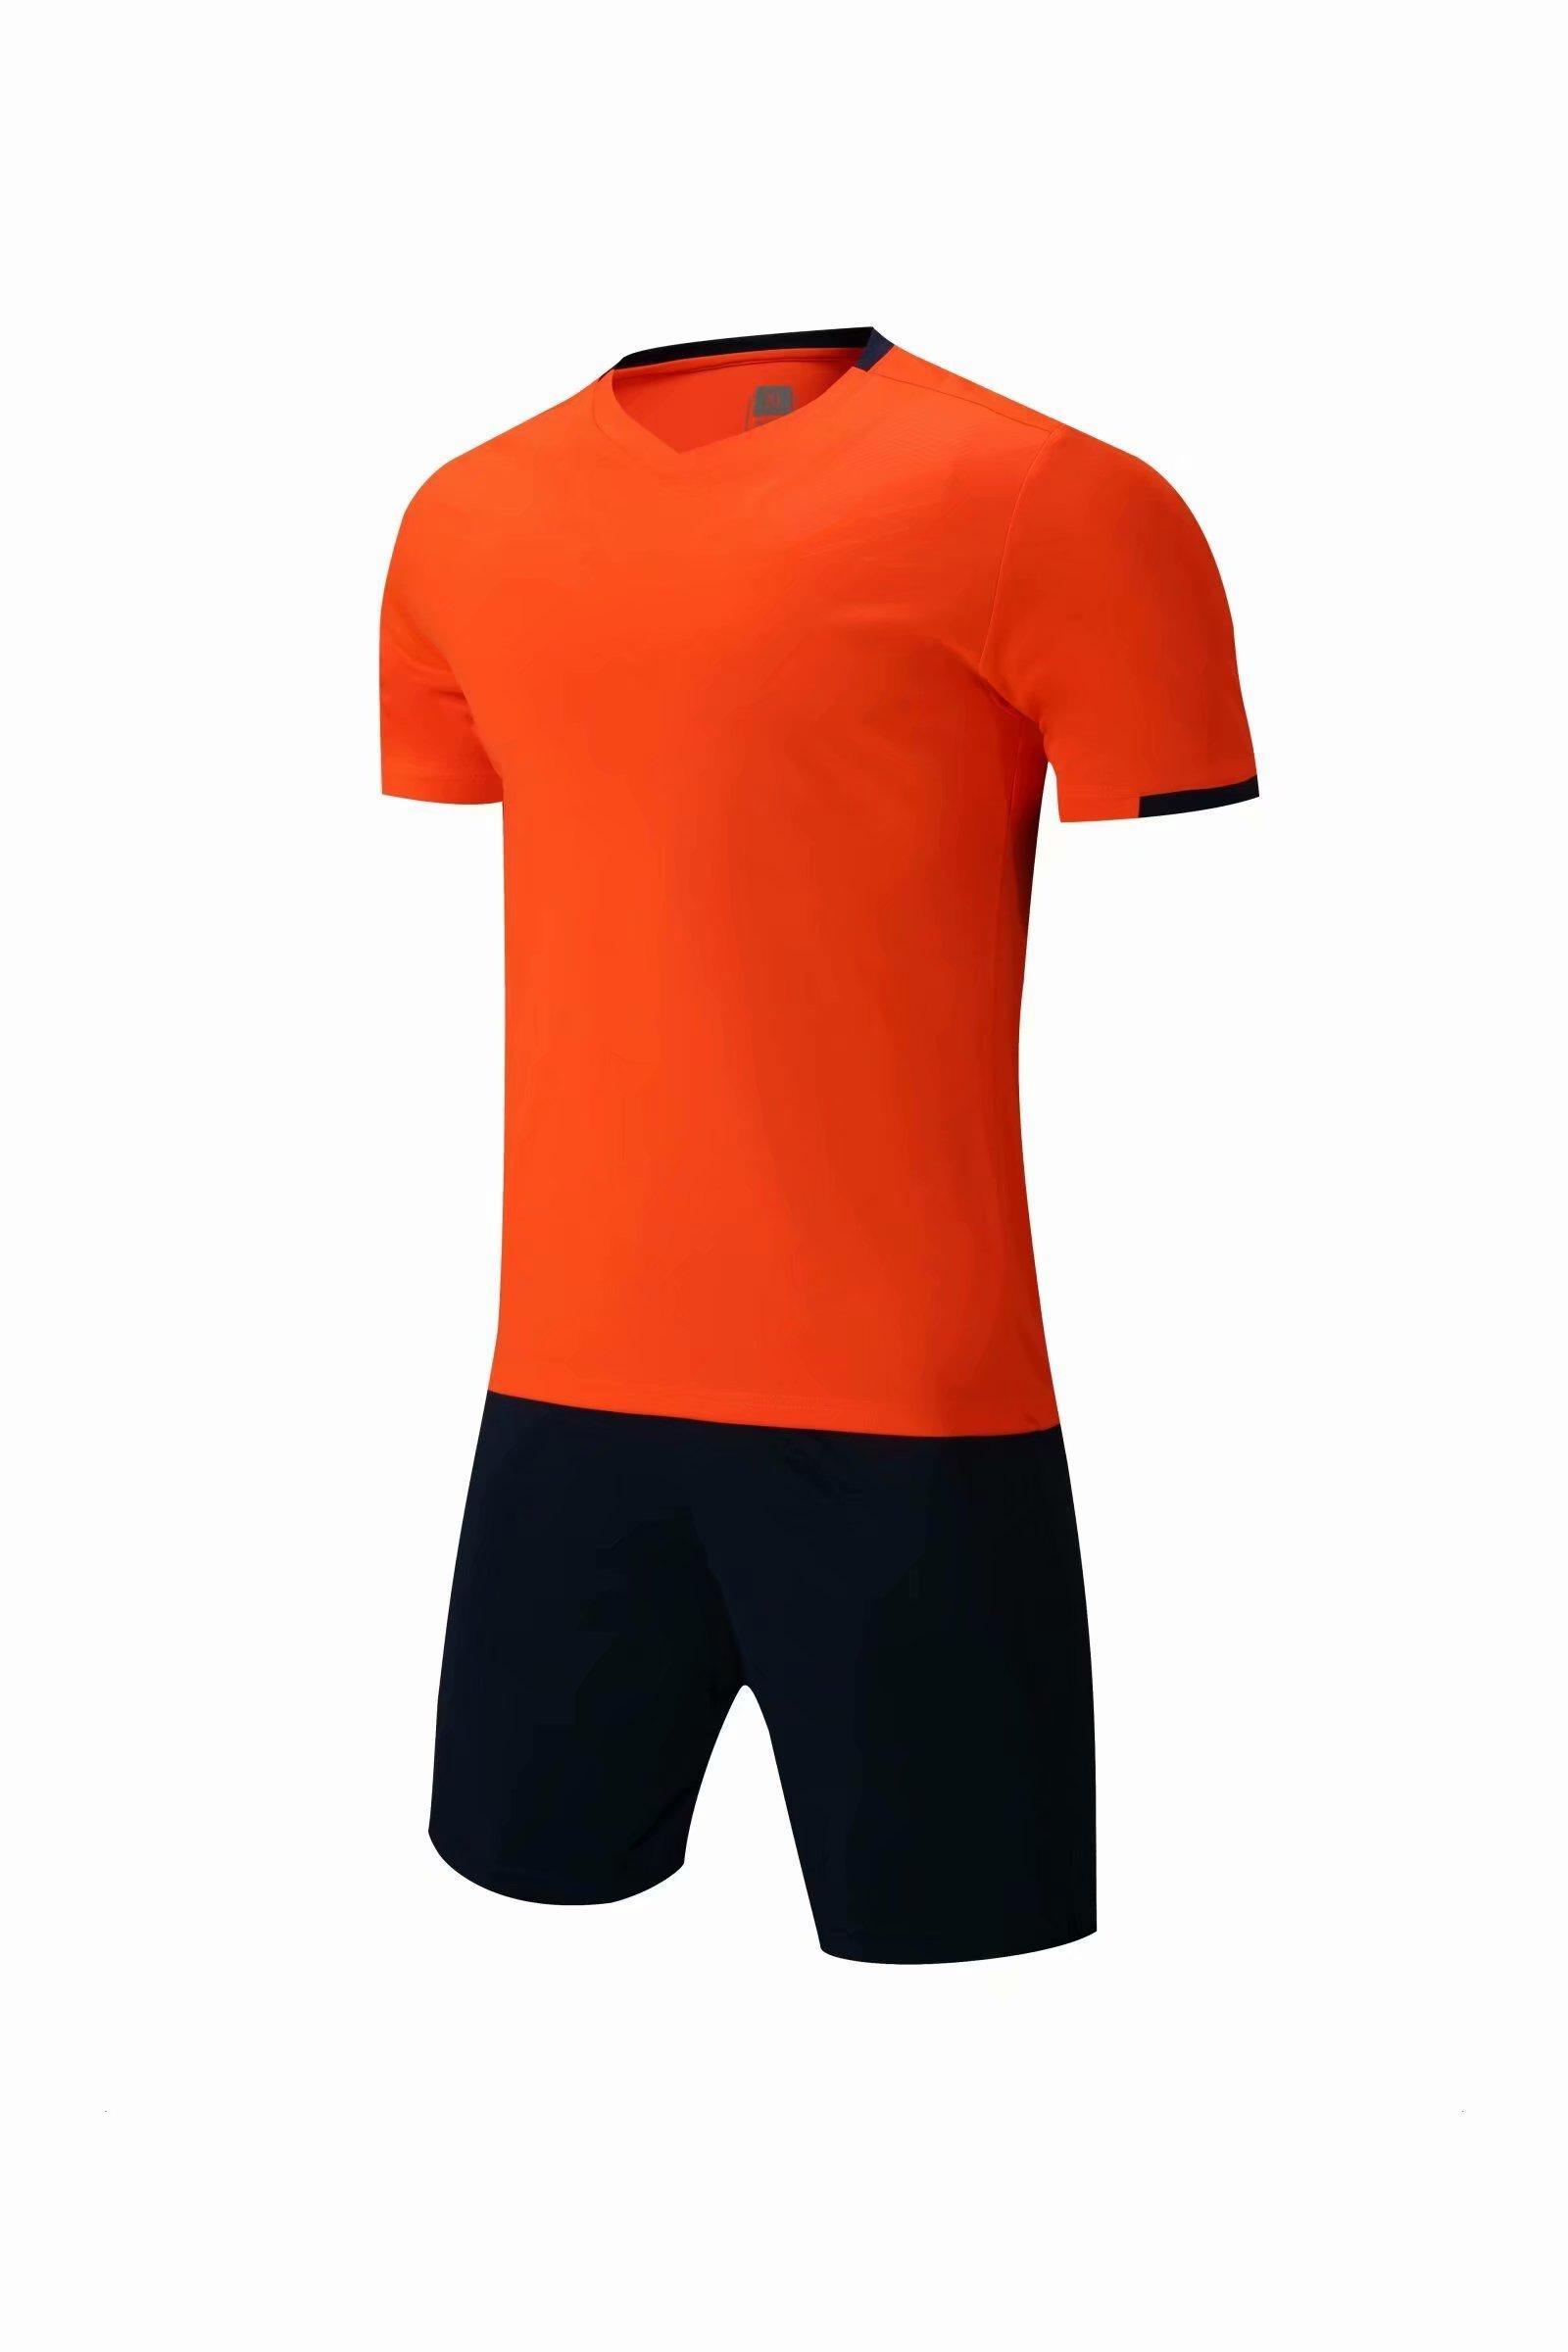 Легкая доска футбол Джерси № 6314 # 11 Новейшие мужские костюма открытая одежда 20, 21, 22 Высококачественные продукты